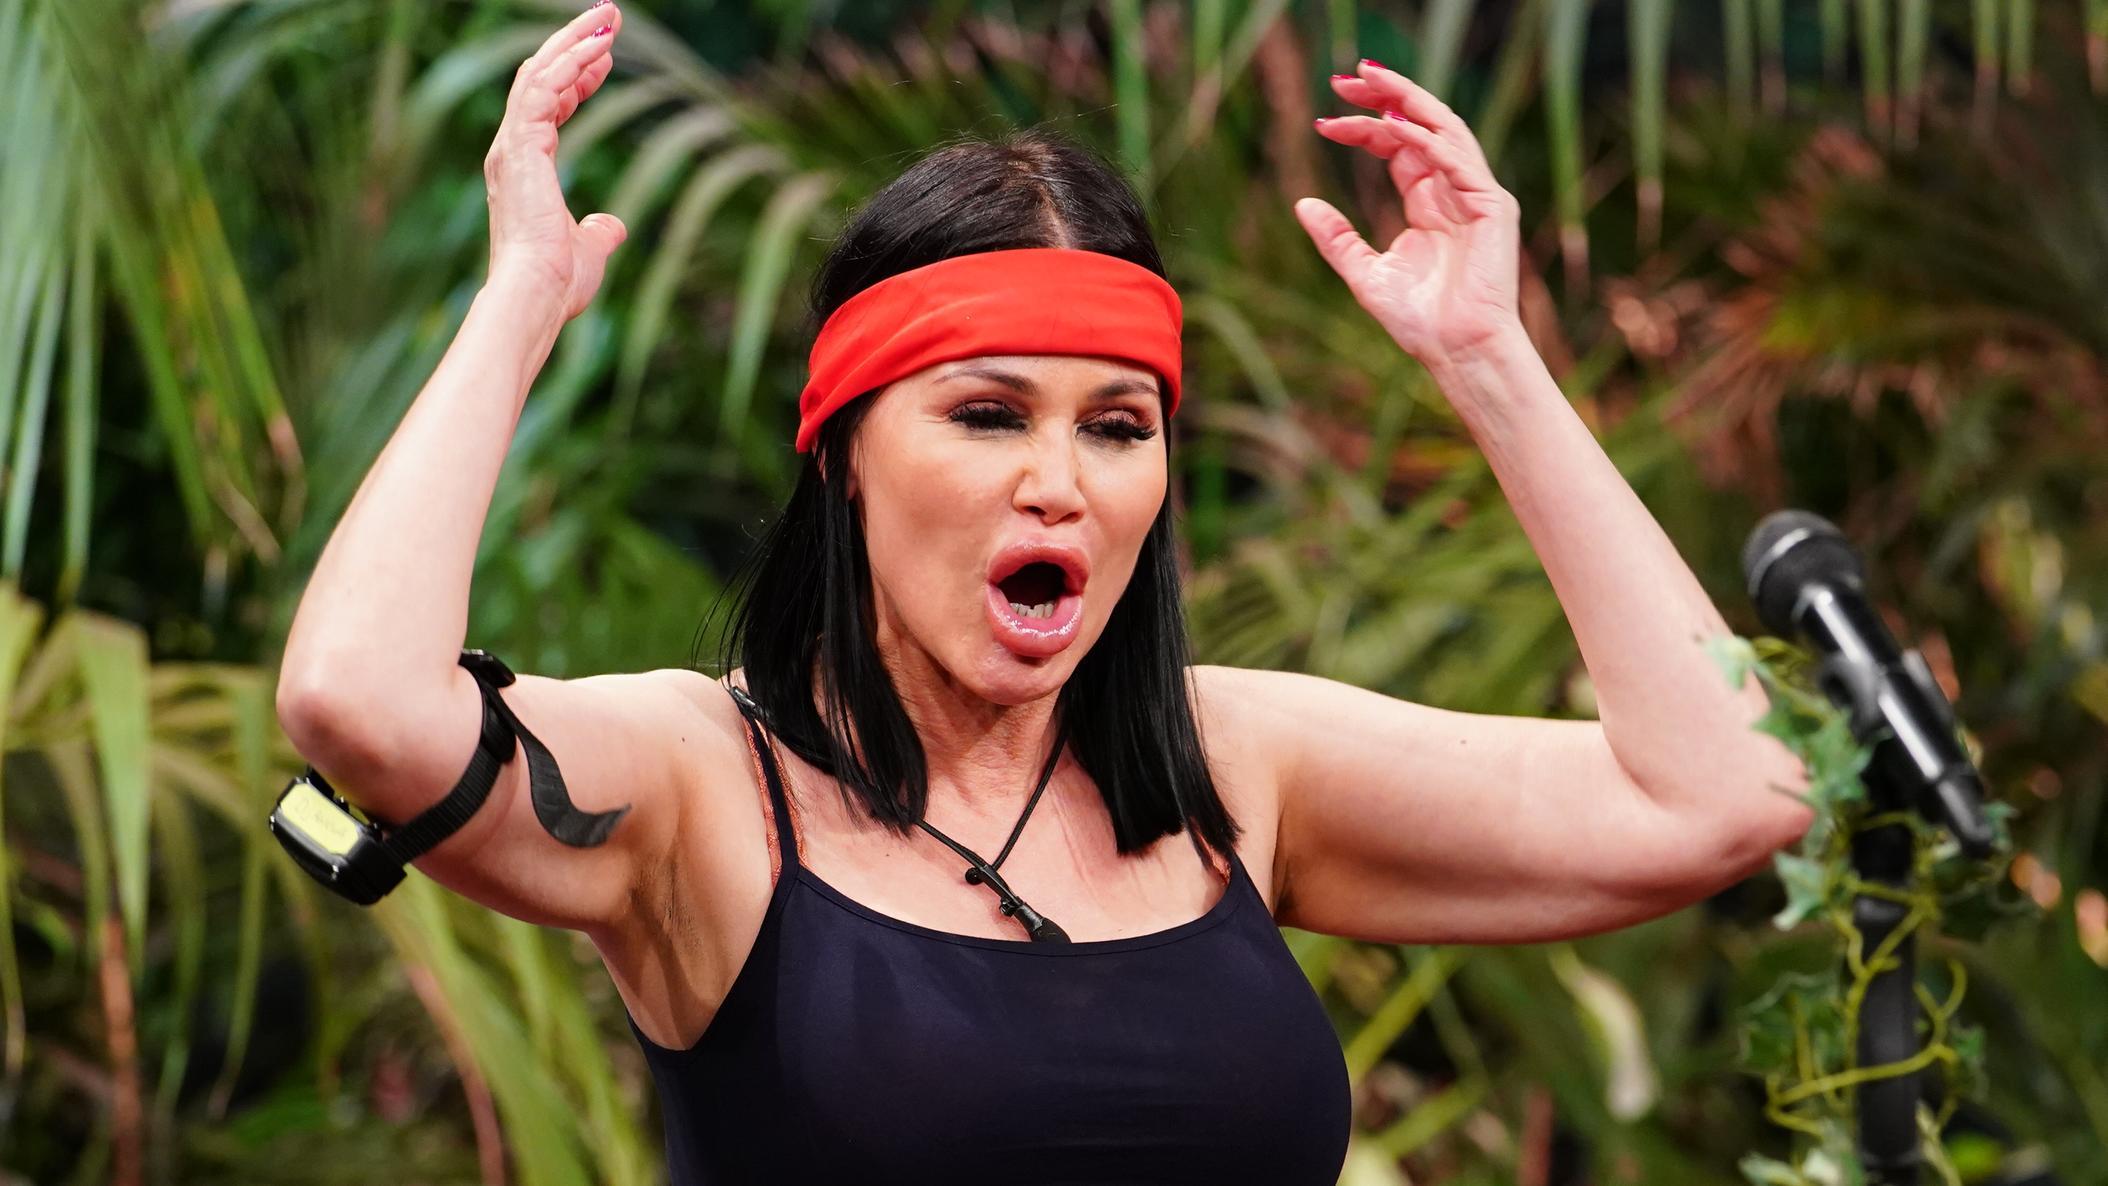 Dschungelcamp 2021: Djamila Rowe hat ein Trauma vom Penis dieses TV-Stars